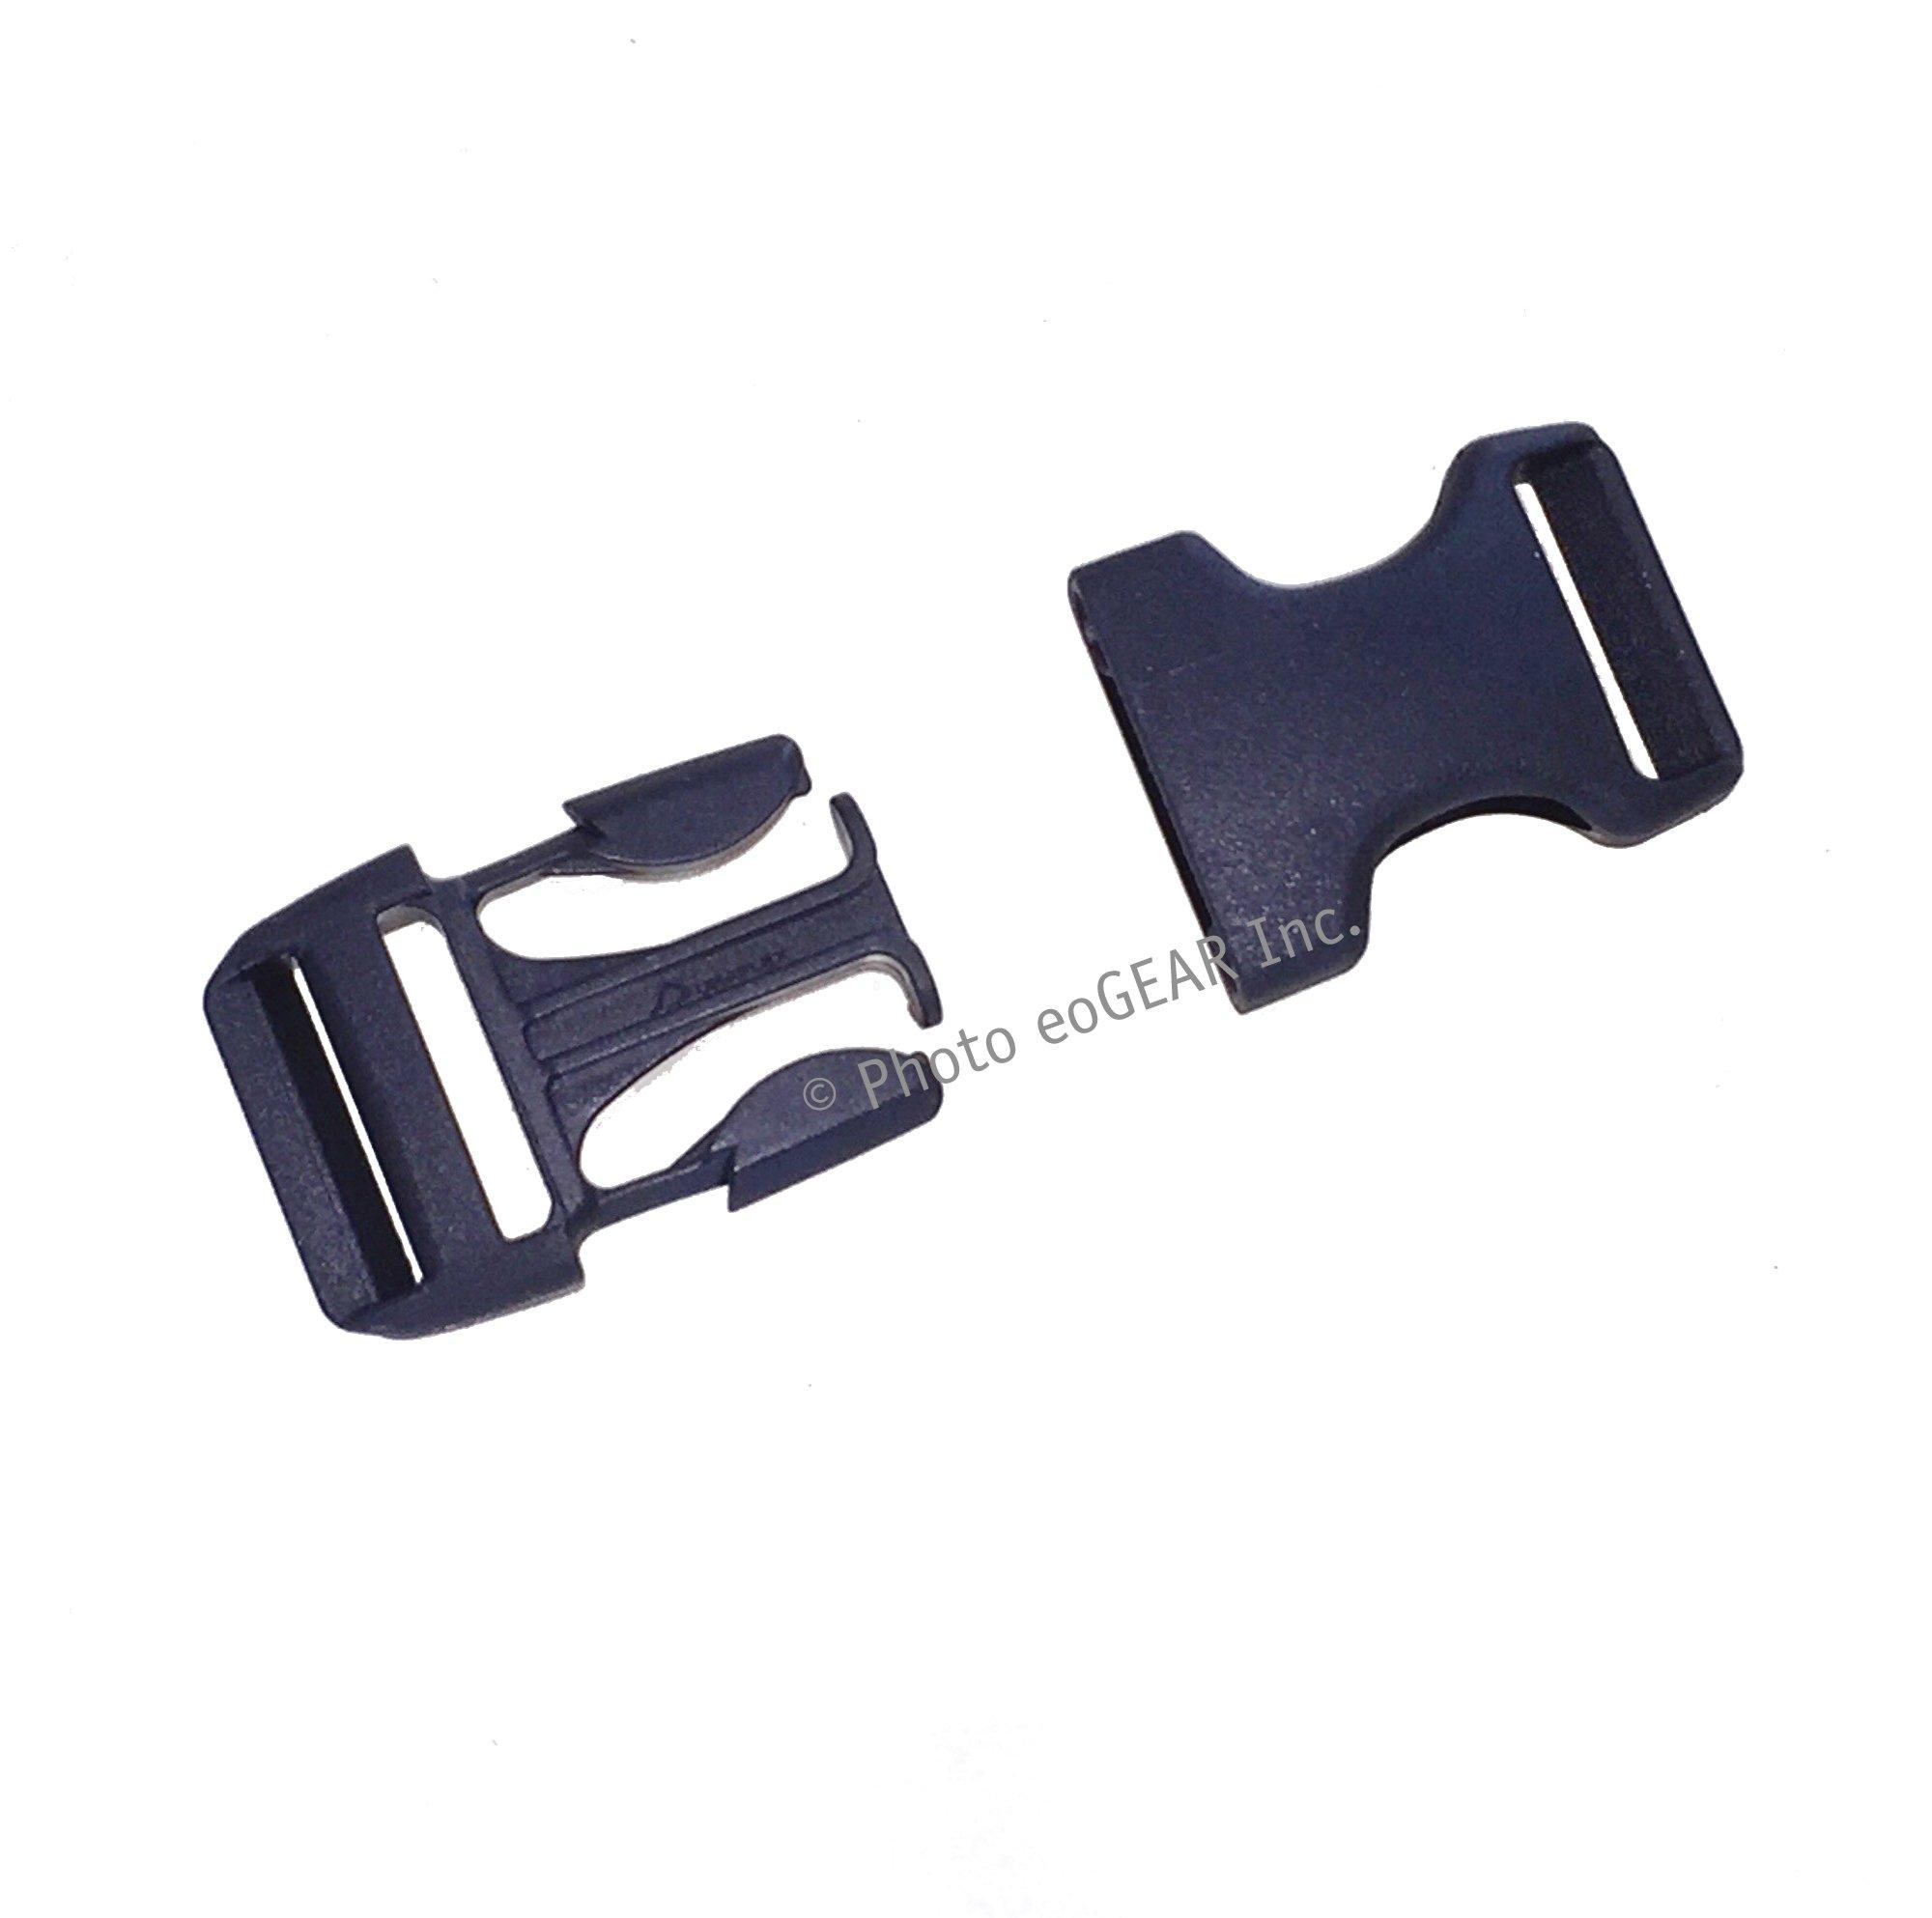 Duraflex Stealth Quick-release Buckle (1'' / 25mm) 10 Pak